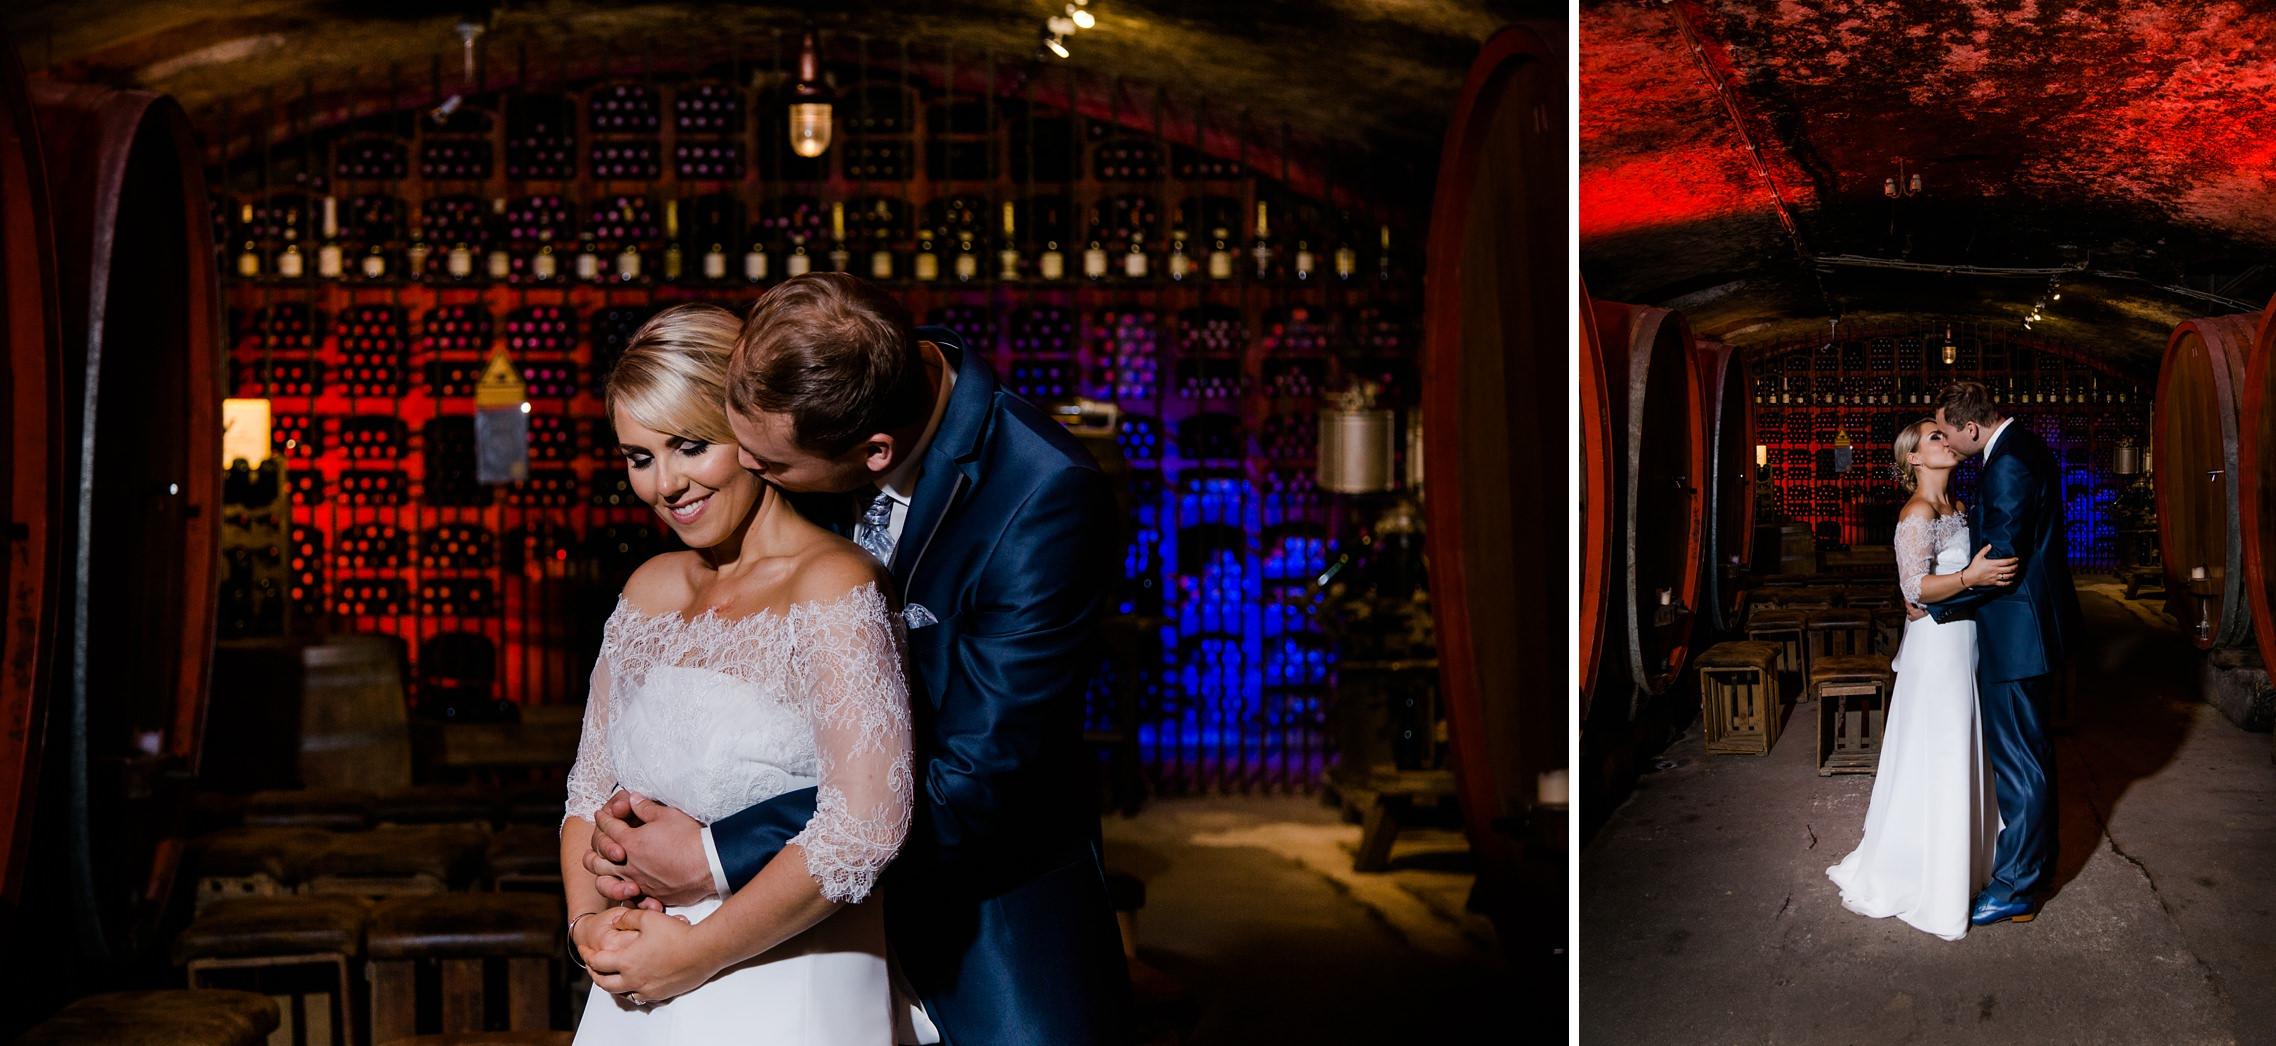 Brautpaar-Shooting im Gewölbe-Weinkeller des Fitz-Ritter in Bad Dürkheim. Im Hintergrund ist ein Flaschenlager mit kräftiger roter und blauer Farbe zu sehen.